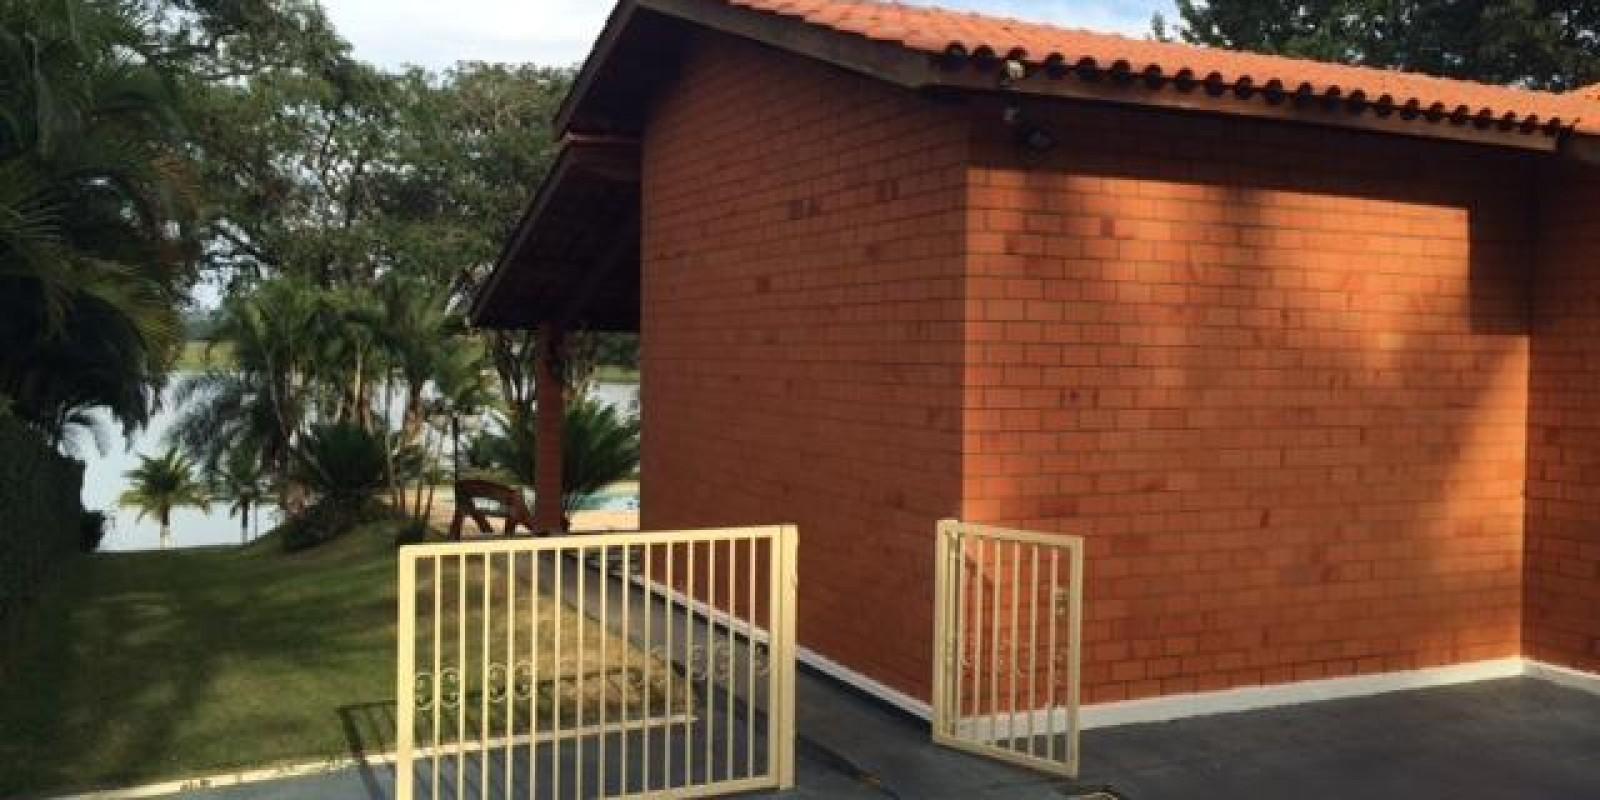 Casa na Represa em Avaré SP - Foto 20 de 20